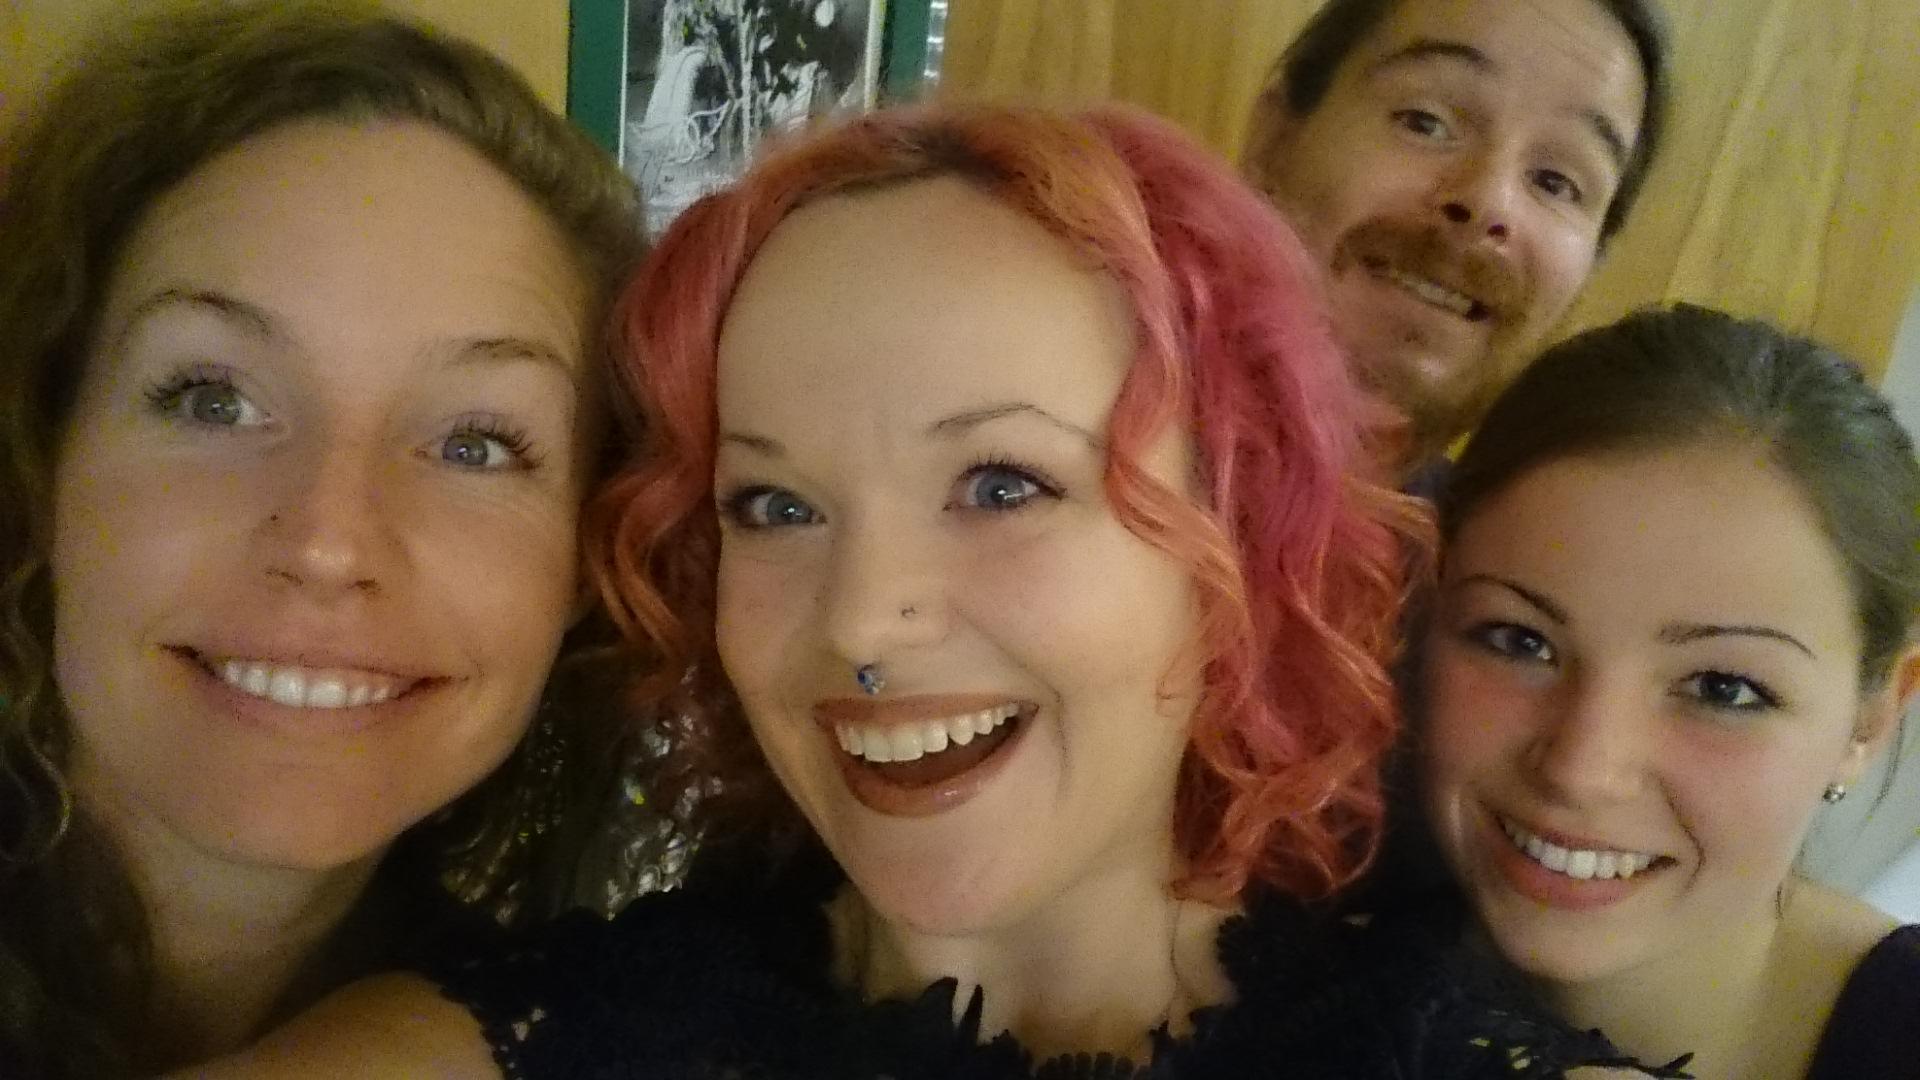 Allison Crowe Band backstage - l-r: Billie Woods, Allison Crowe, Dave Baird & Celine Greb